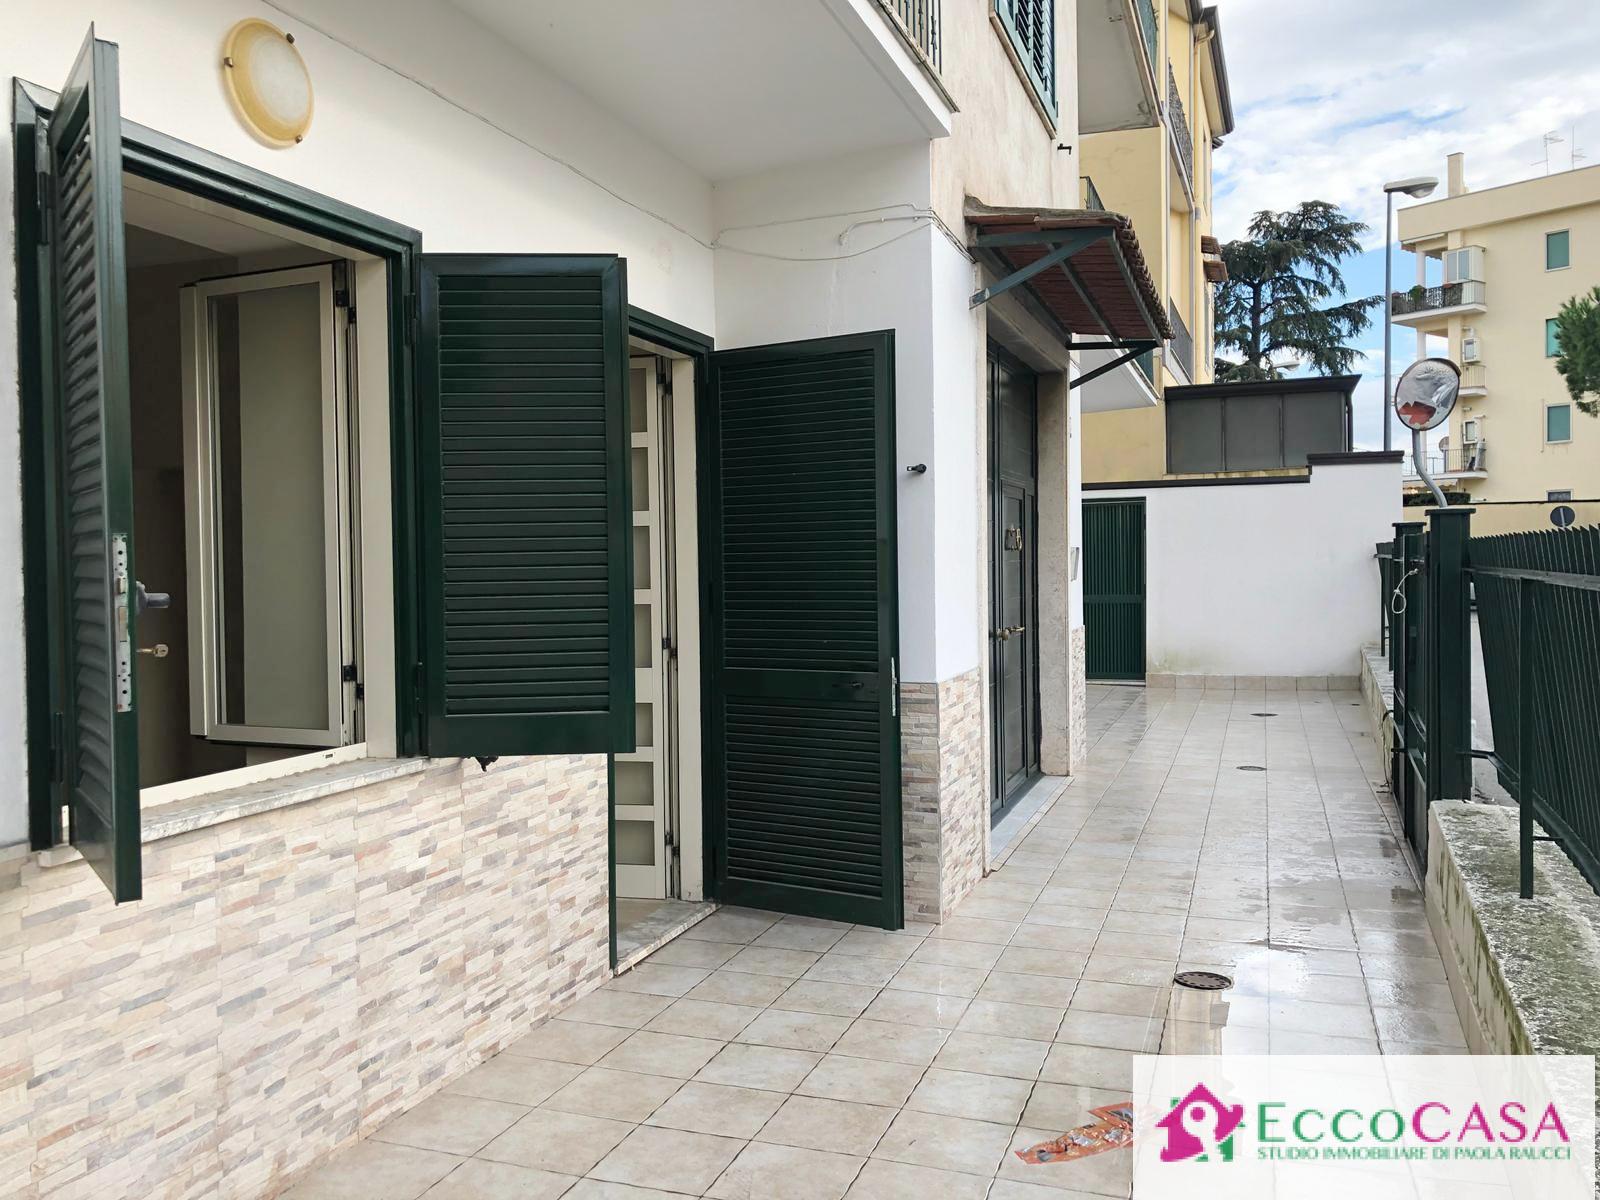 Appartamento in affitto a Maddaloni, 2 locali, prezzo € 350 | CambioCasa.it